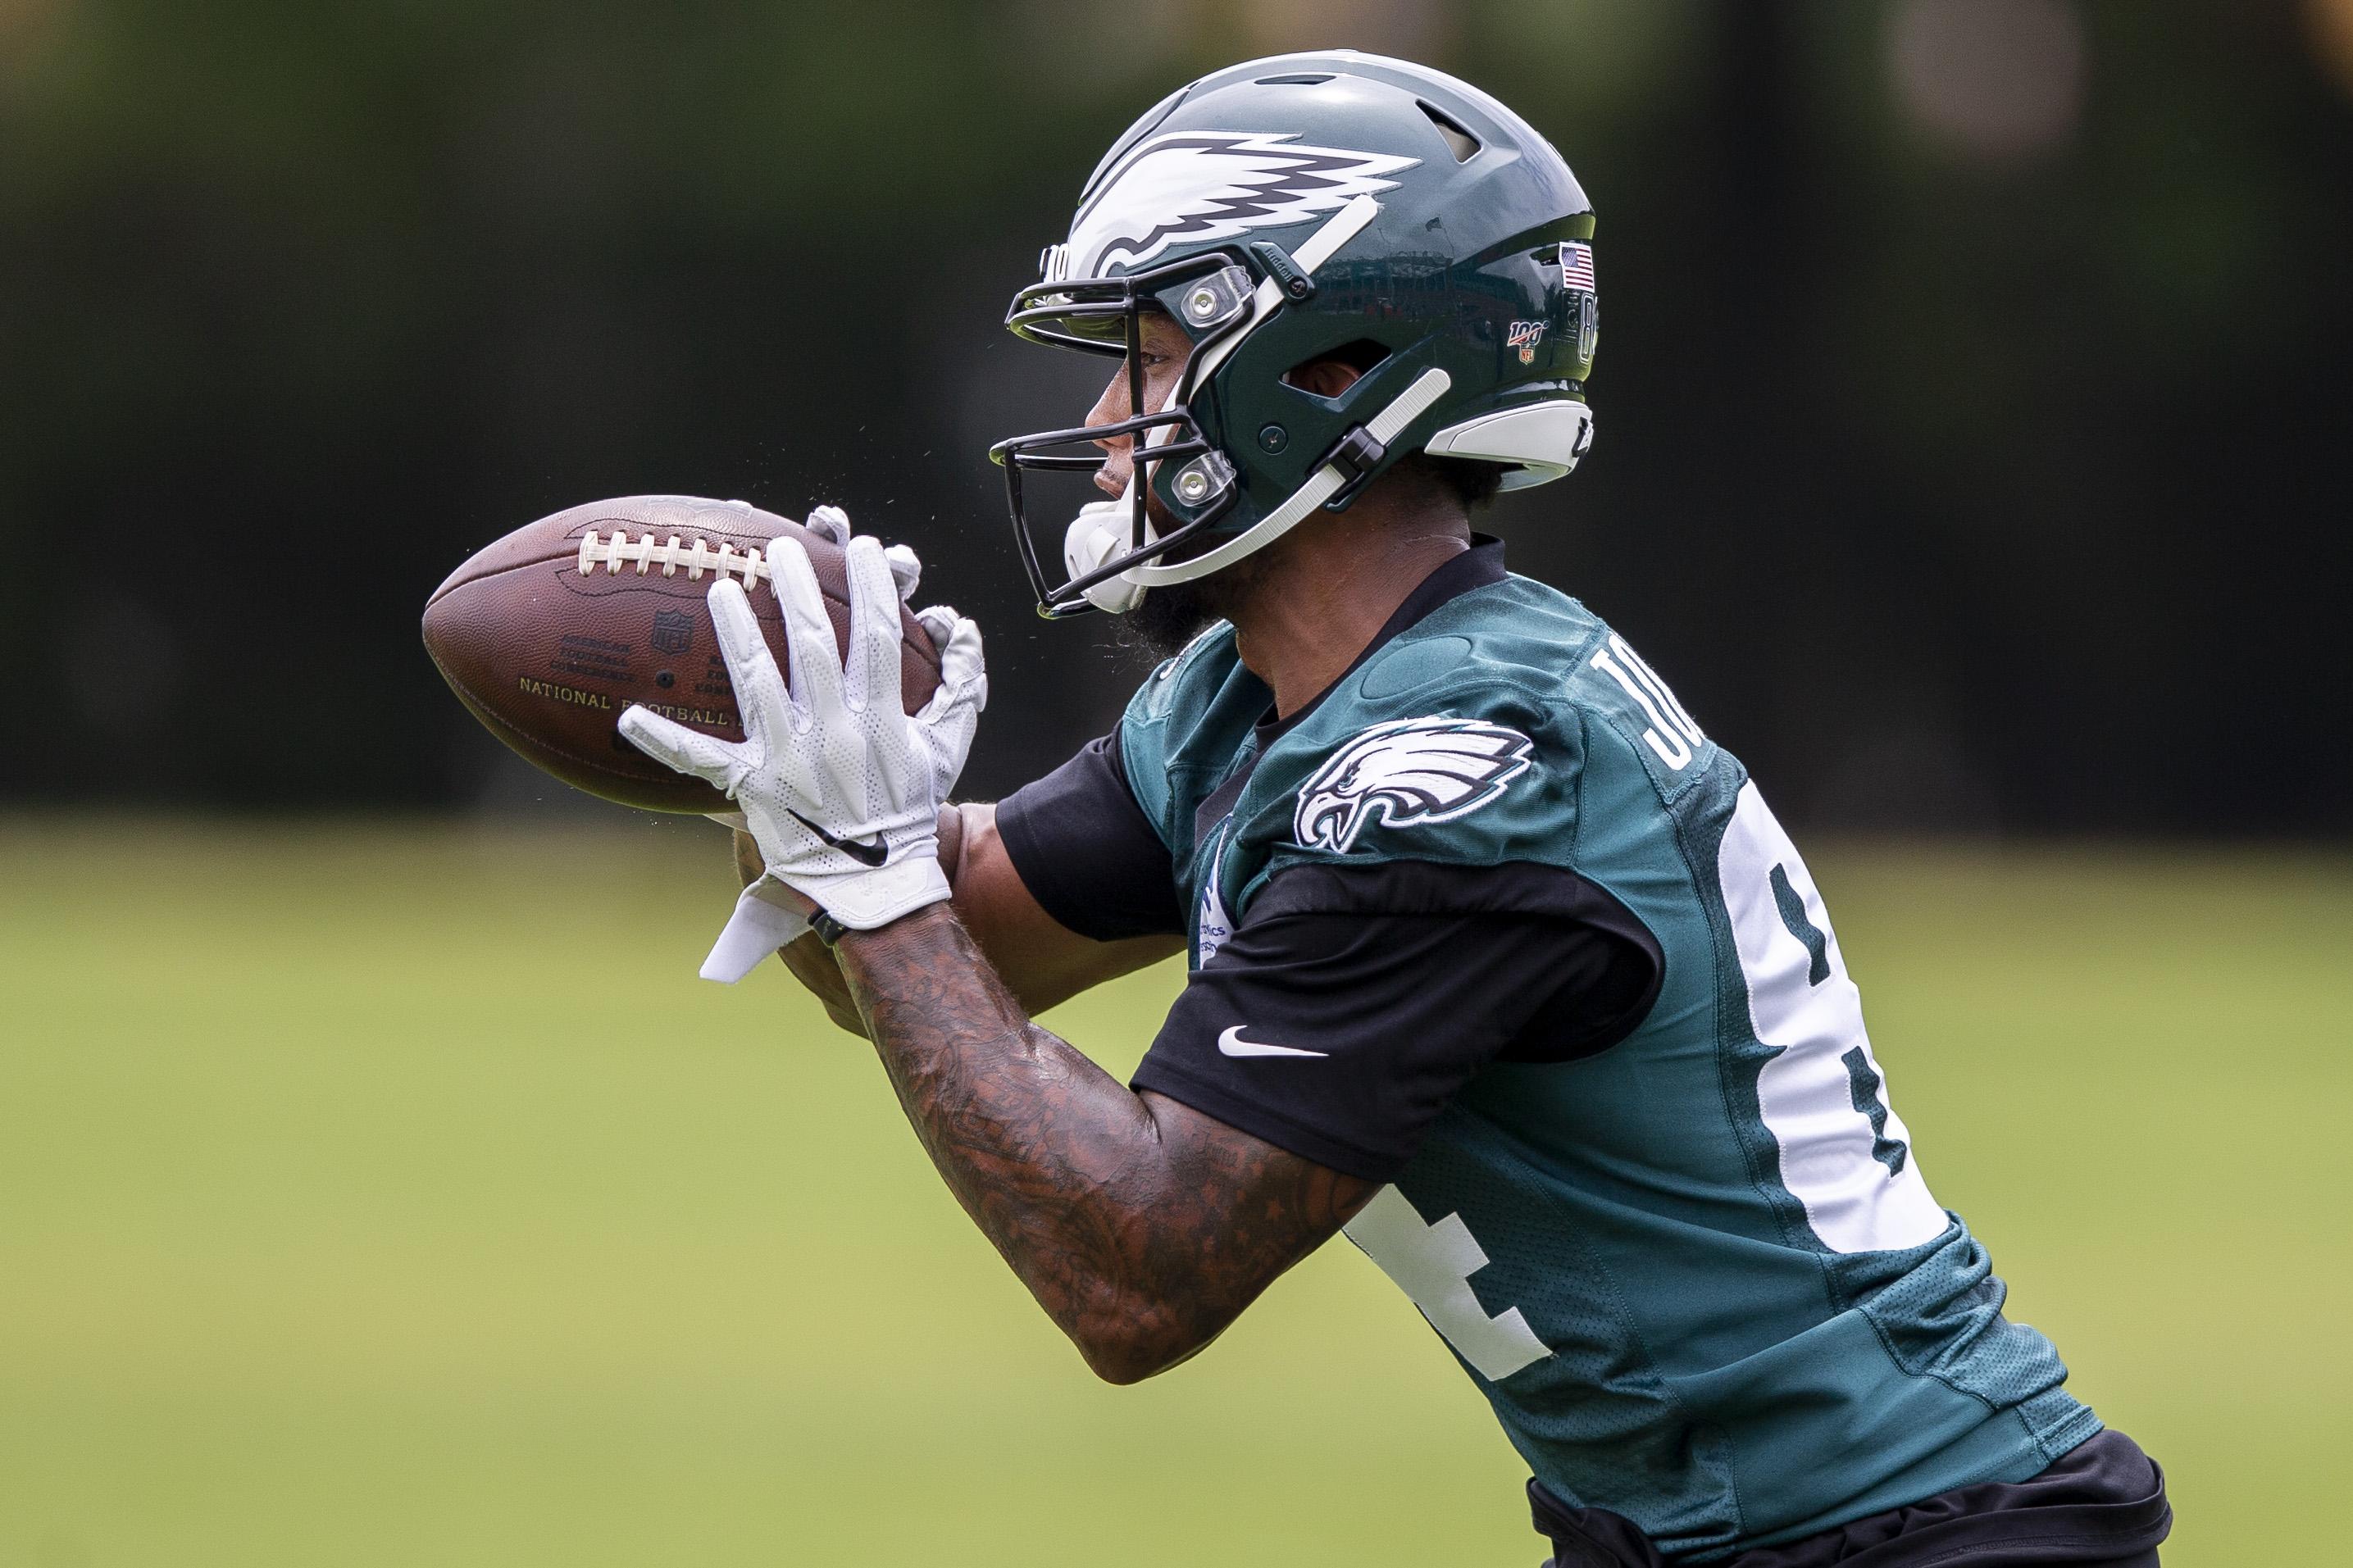 NFL roster moves: Eagles place former AAF WR on injured reserve, sign rookie OT